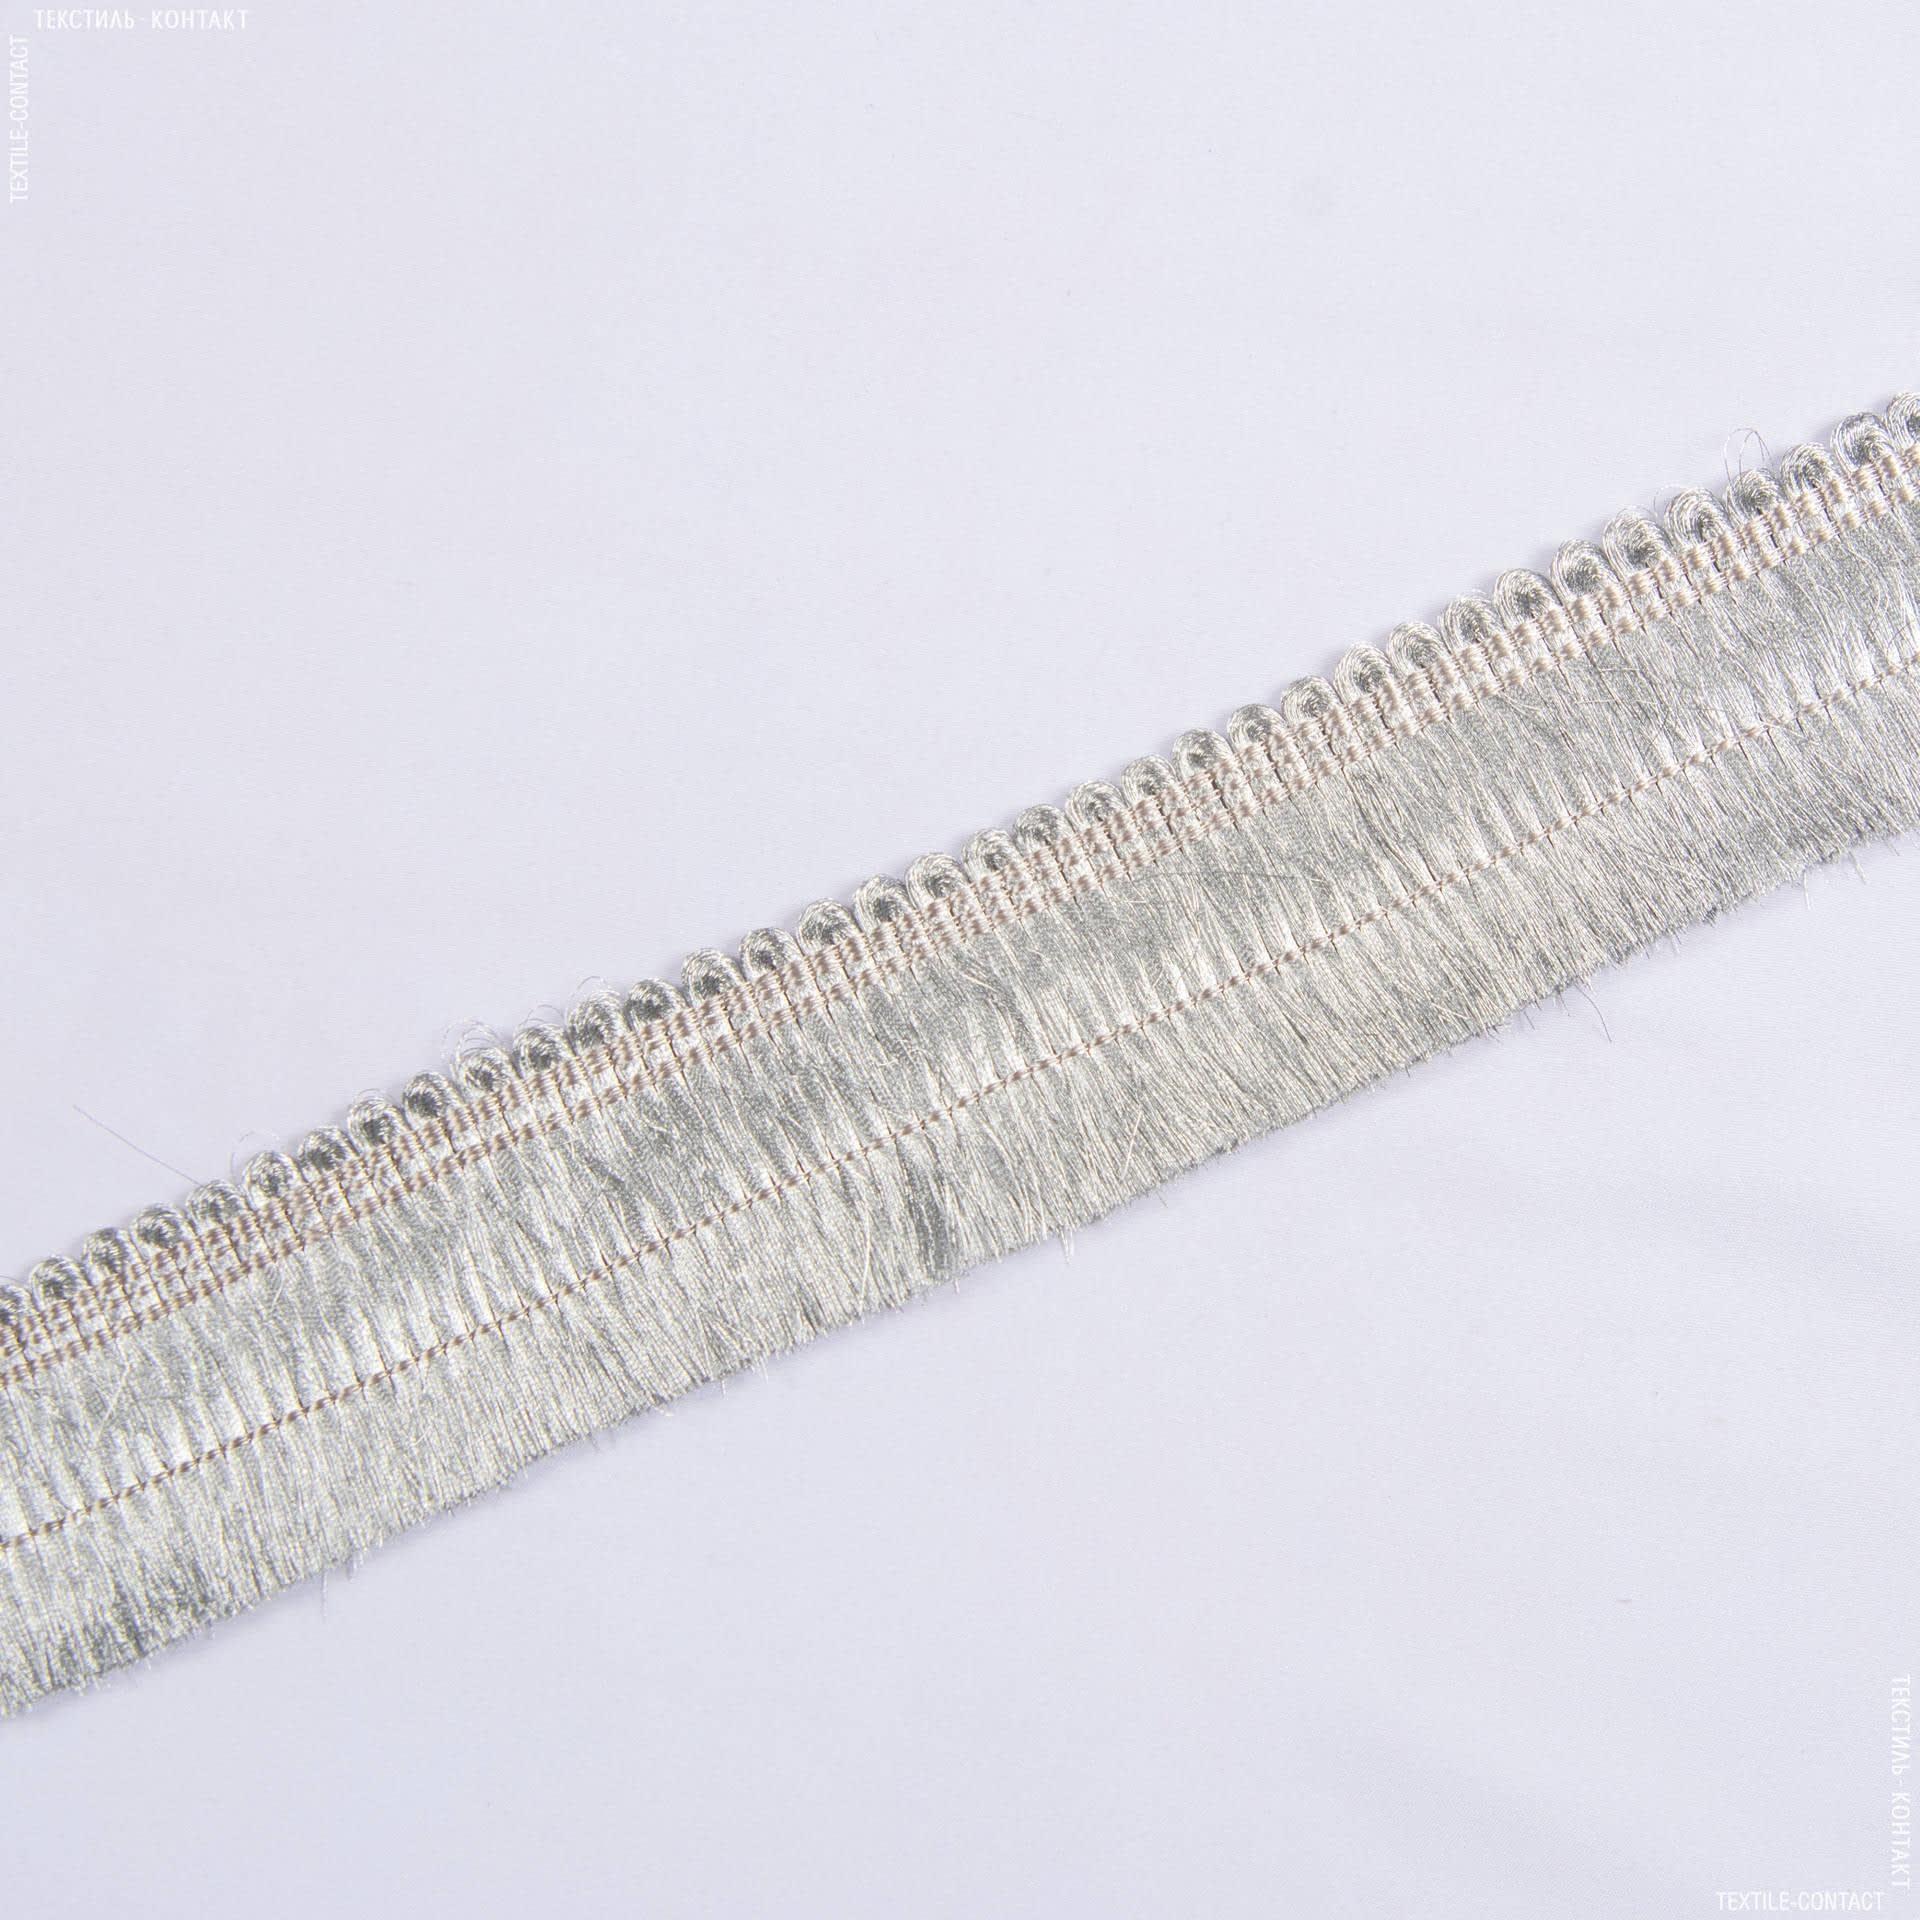 Тканини фурнітура для декора - Бахрома gold св/сірий